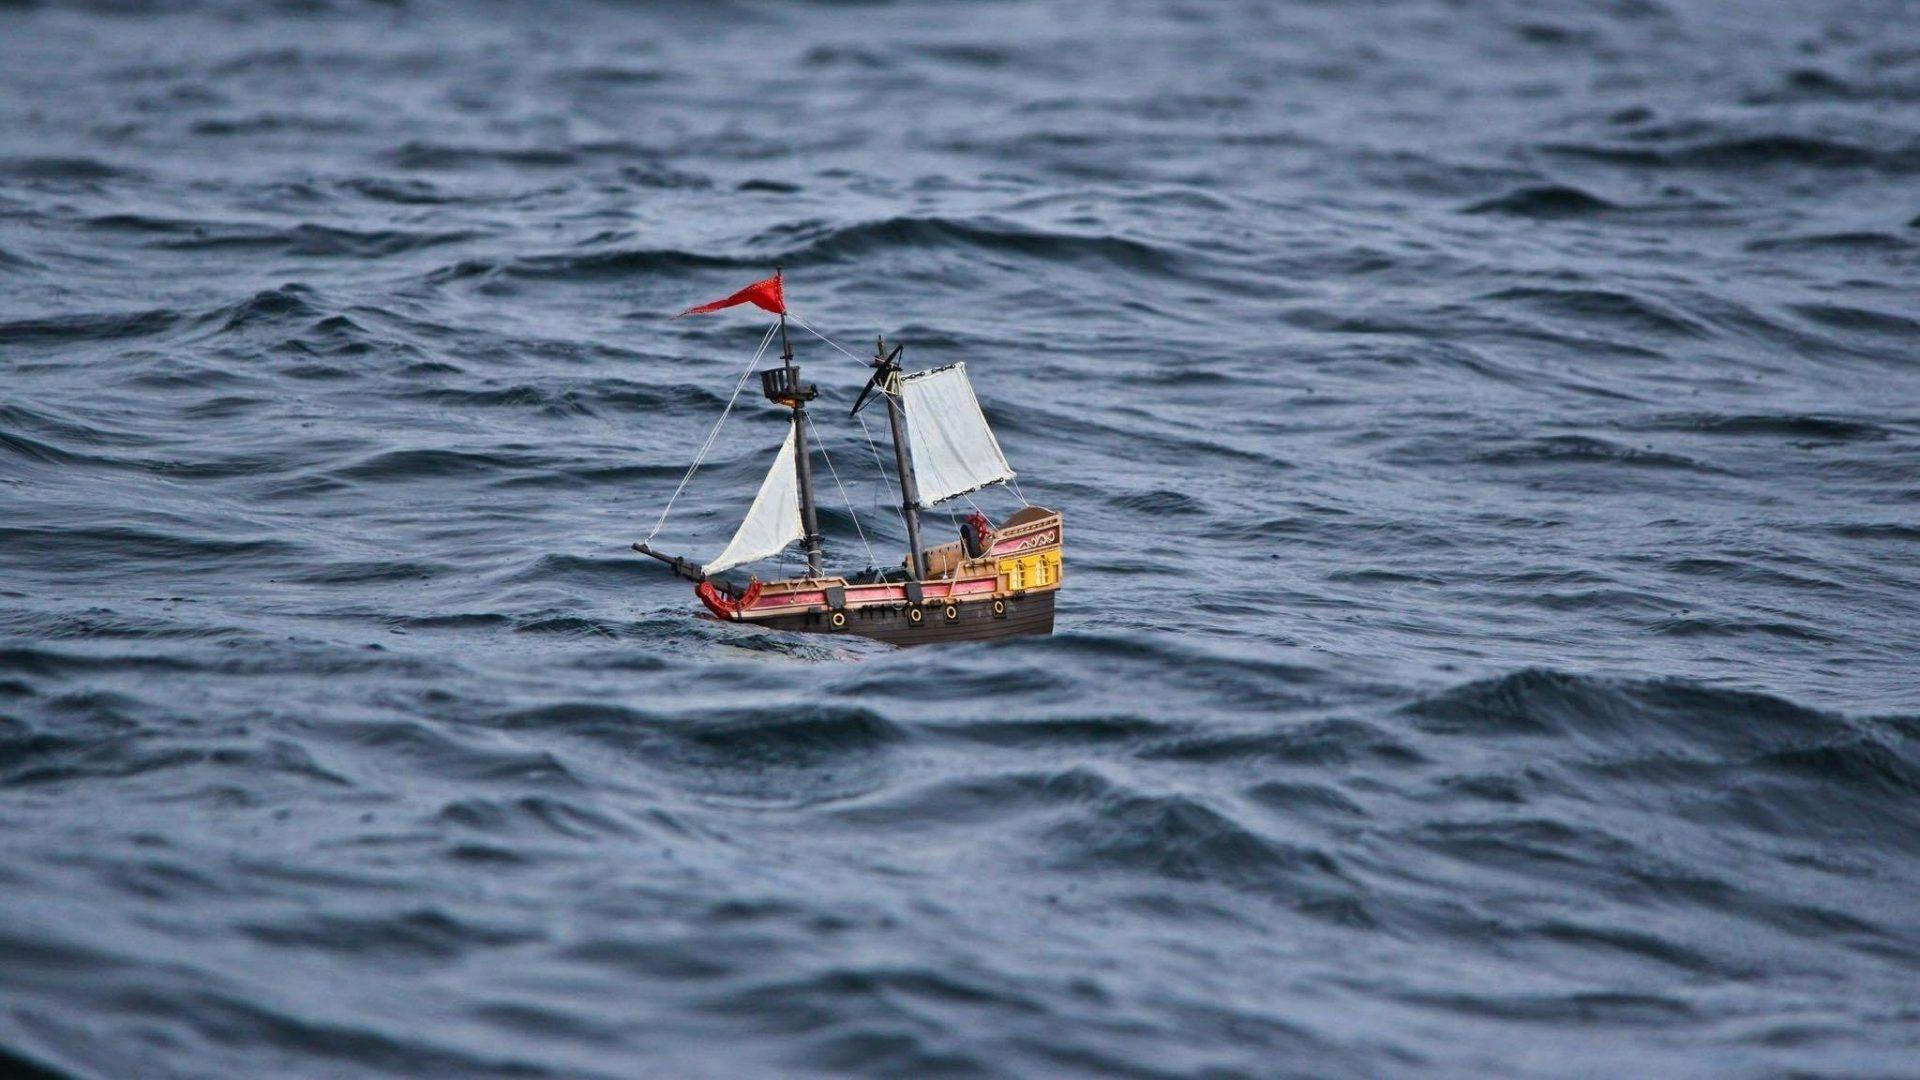 Barquinho monitorado por crianças viaja o mundo